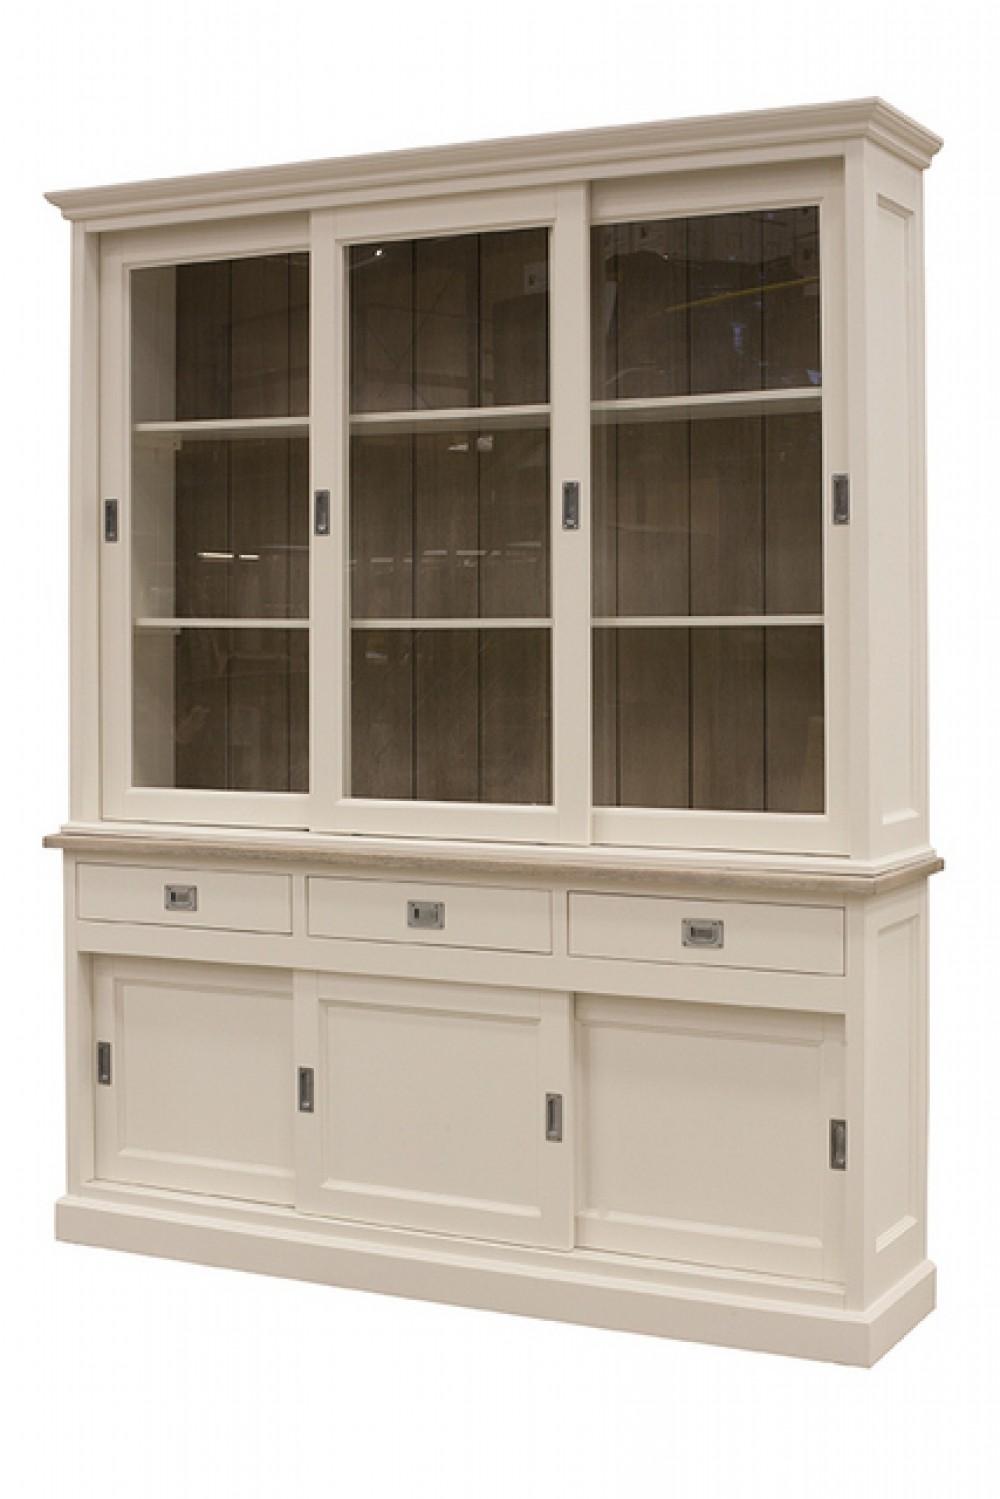 vitrine wei landhaus vitrinenschrank wei landhausstil geschirrschrank wei breite 180 cm. Black Bedroom Furniture Sets. Home Design Ideas